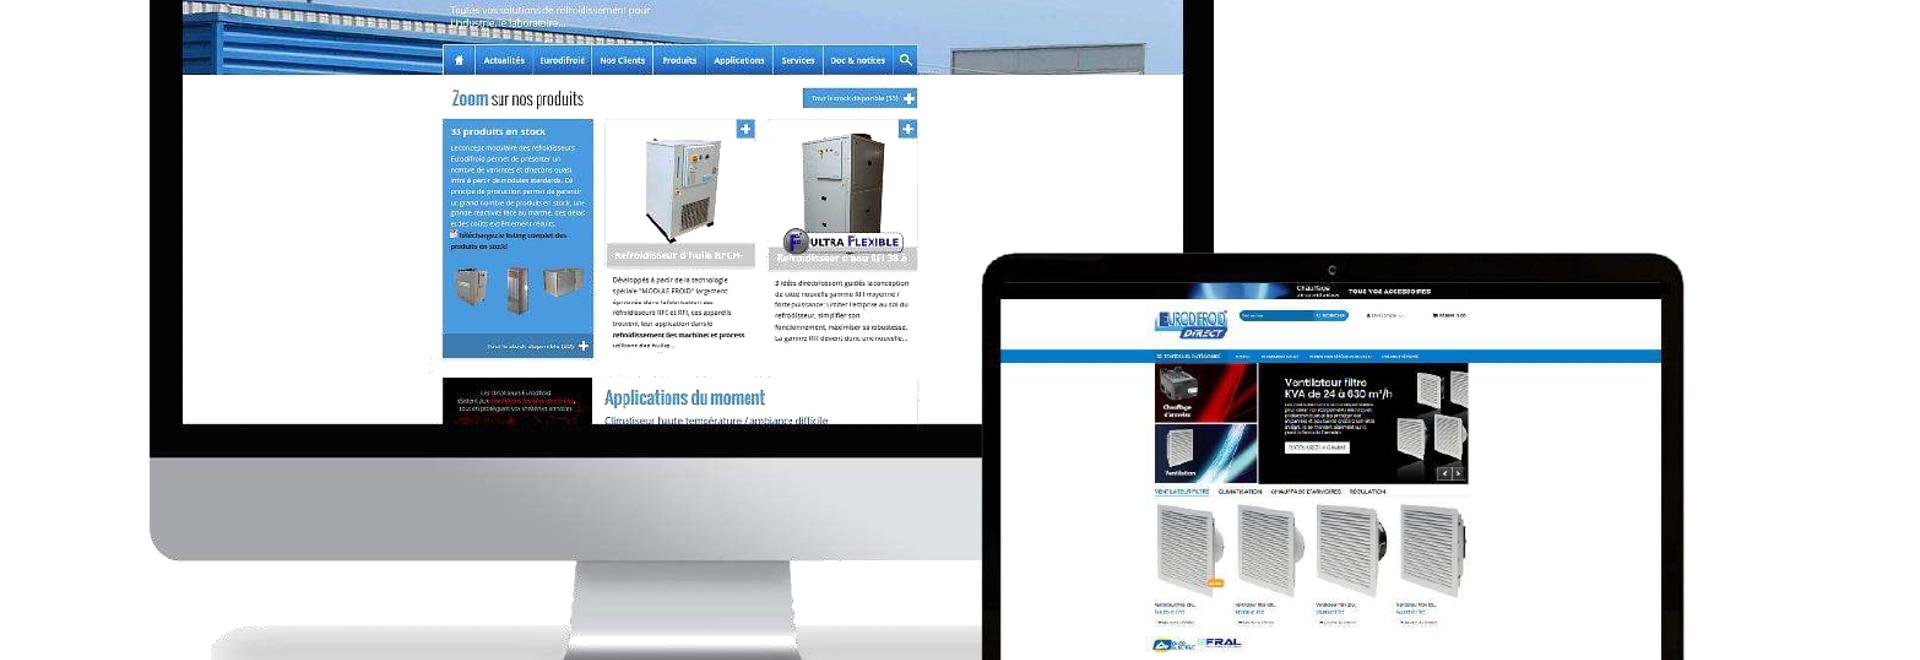 Las dos páginas web de Eurodifroid